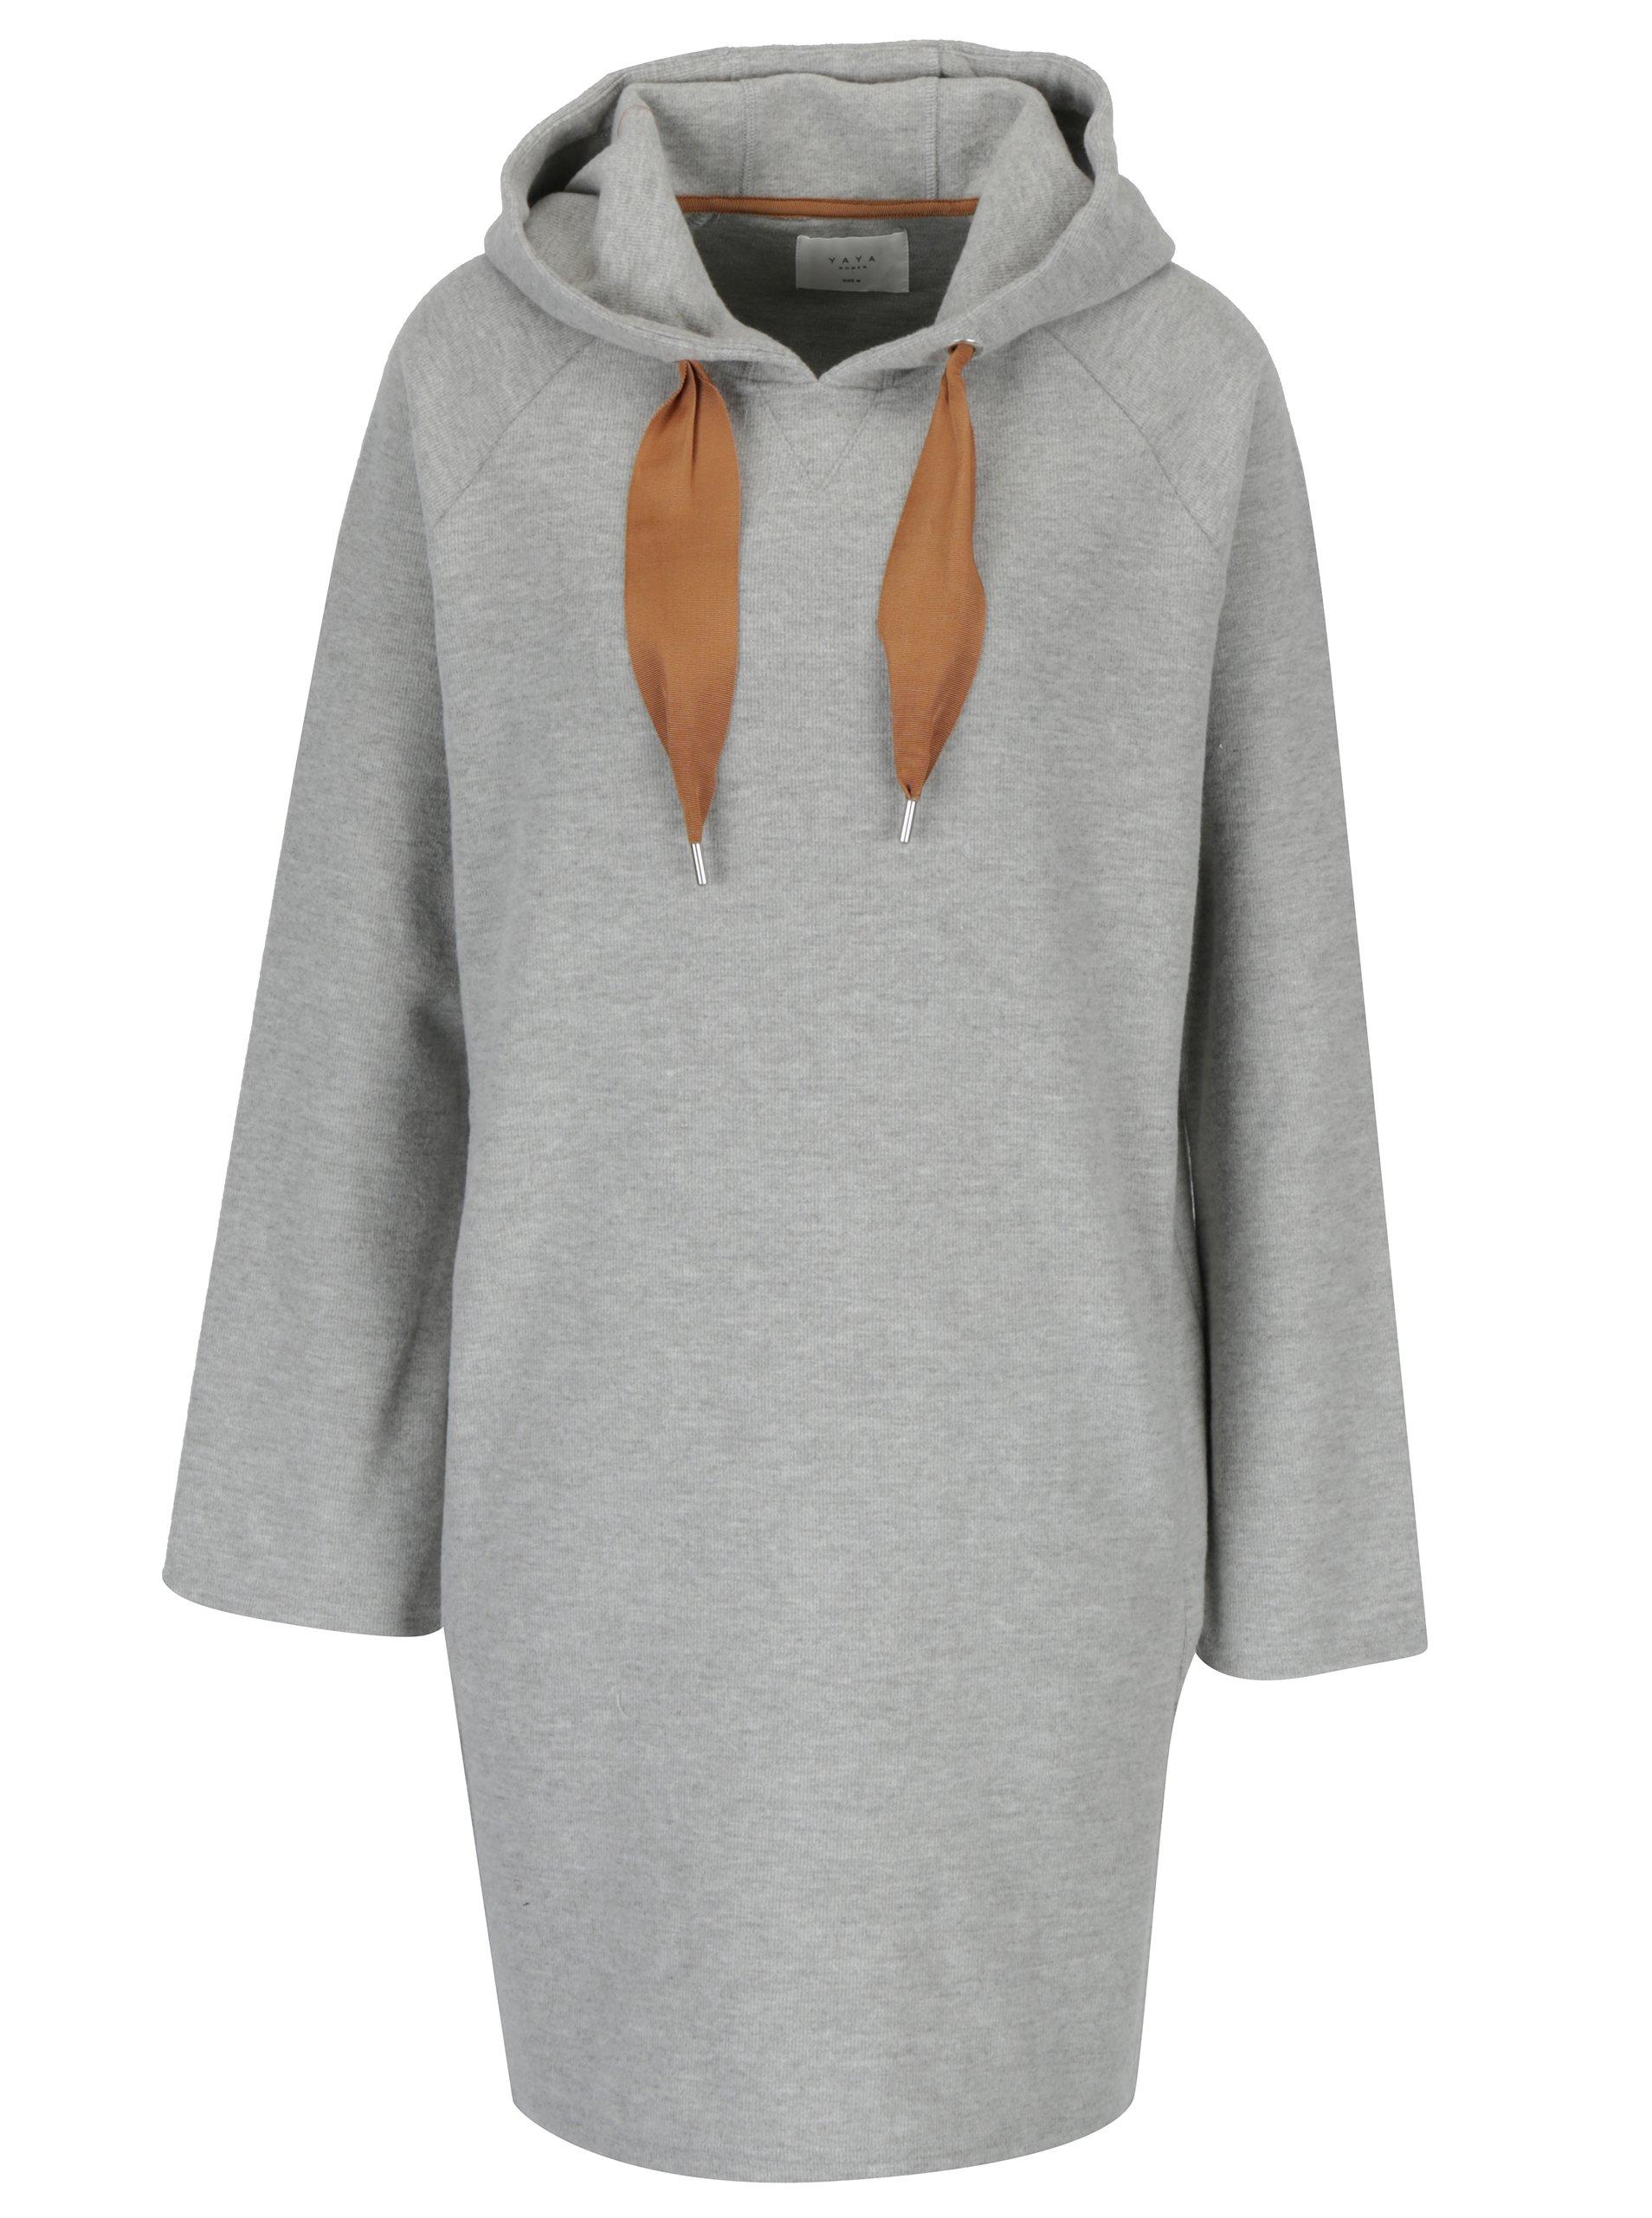 Šedé žíhané svetrové šaty s kapucí YAYA